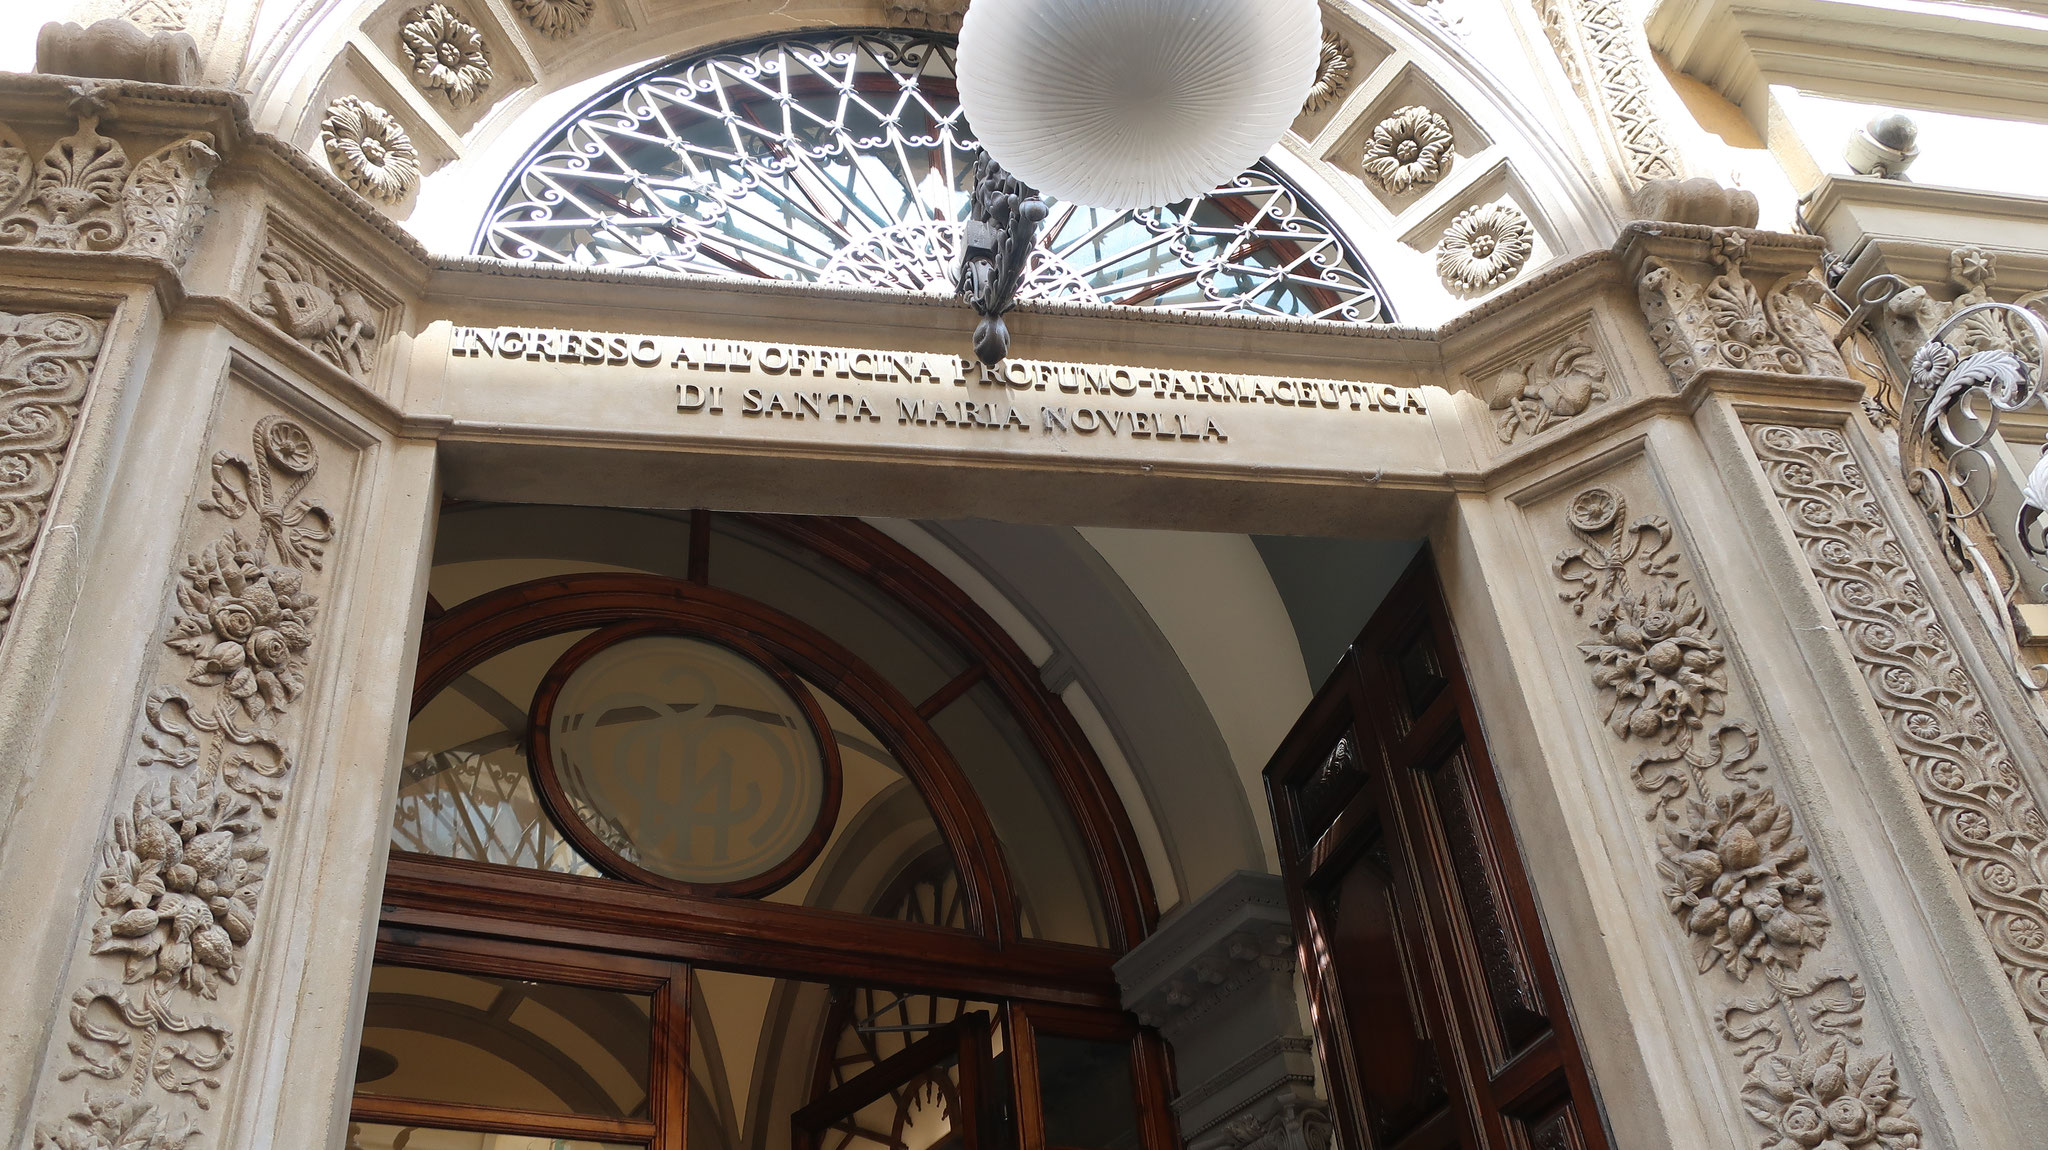 サンタ・マリア・ノヴェッラ教会が経営する 世界最古の薬局です。